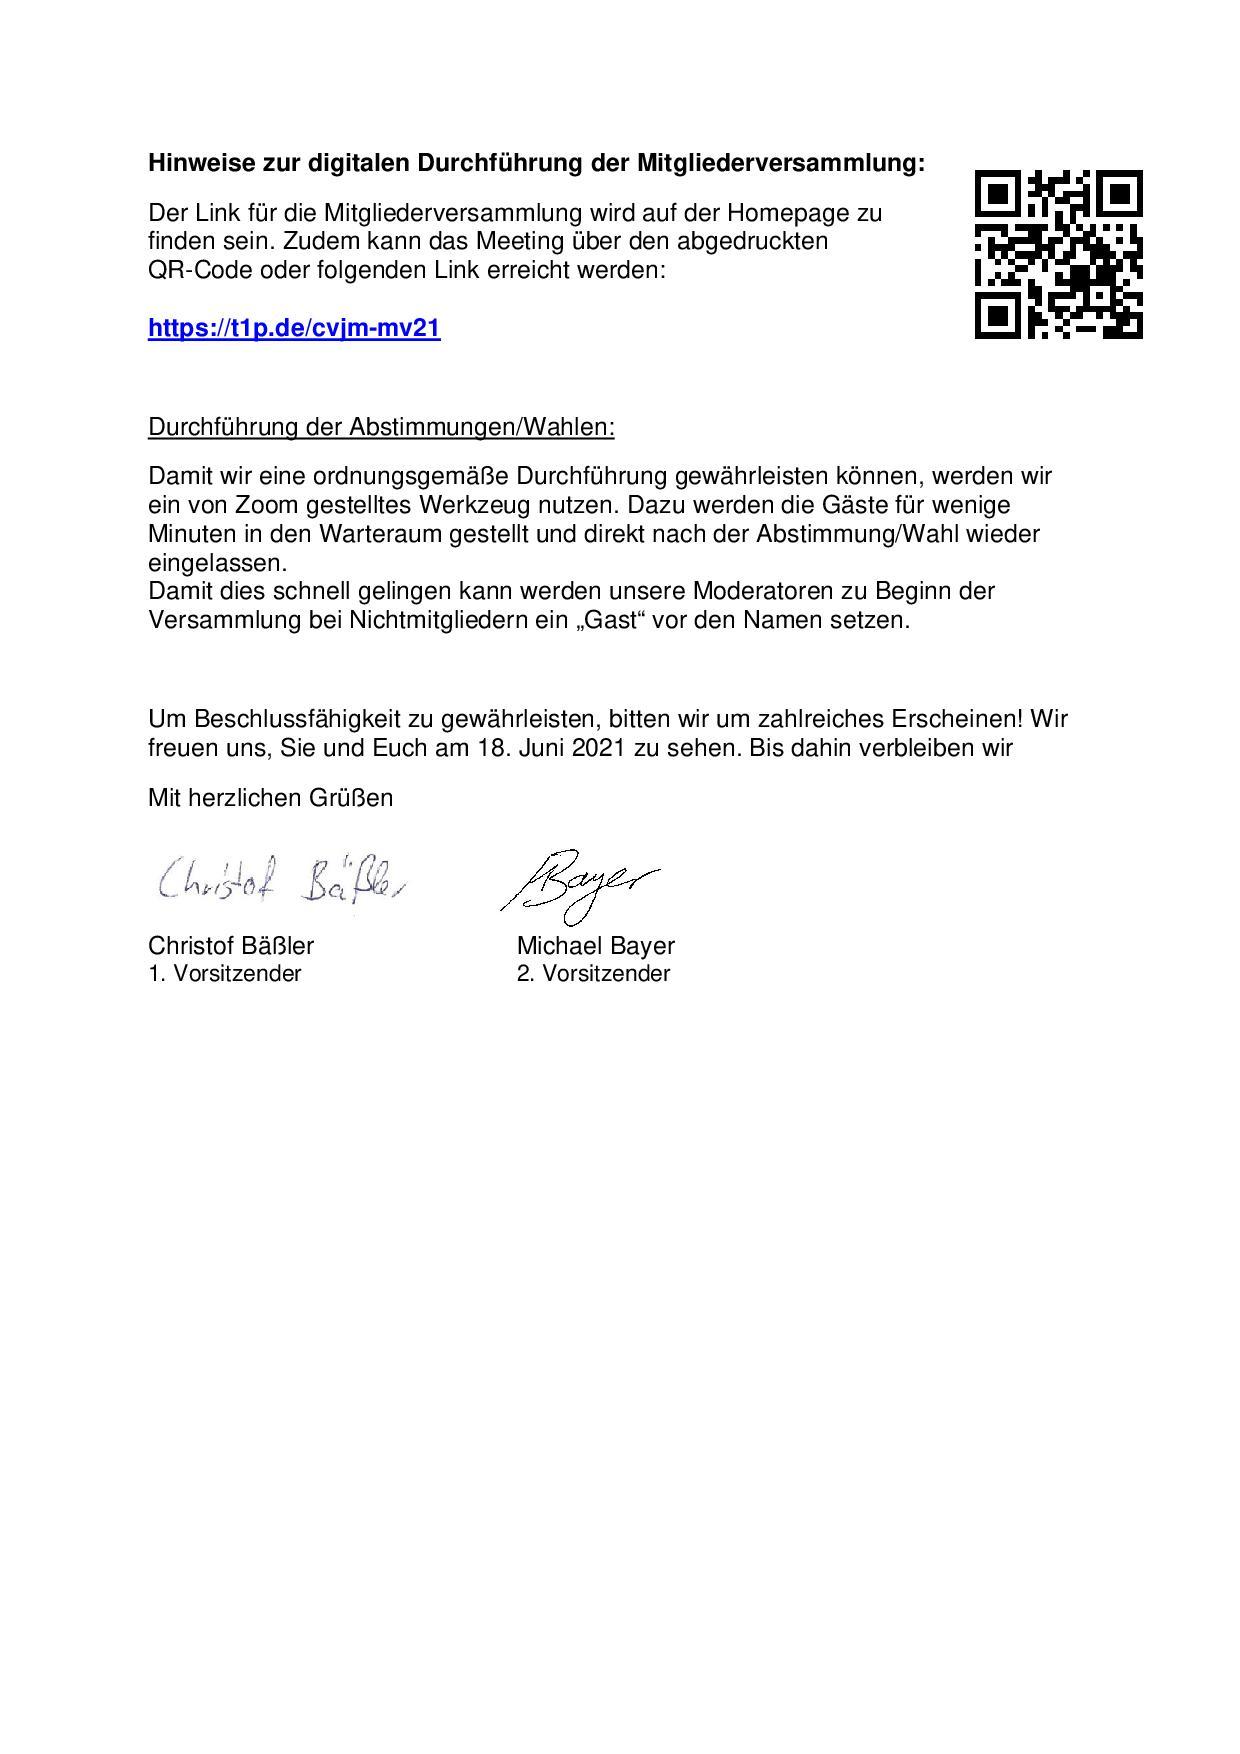 Einladung_MV_2021 mit Digital2